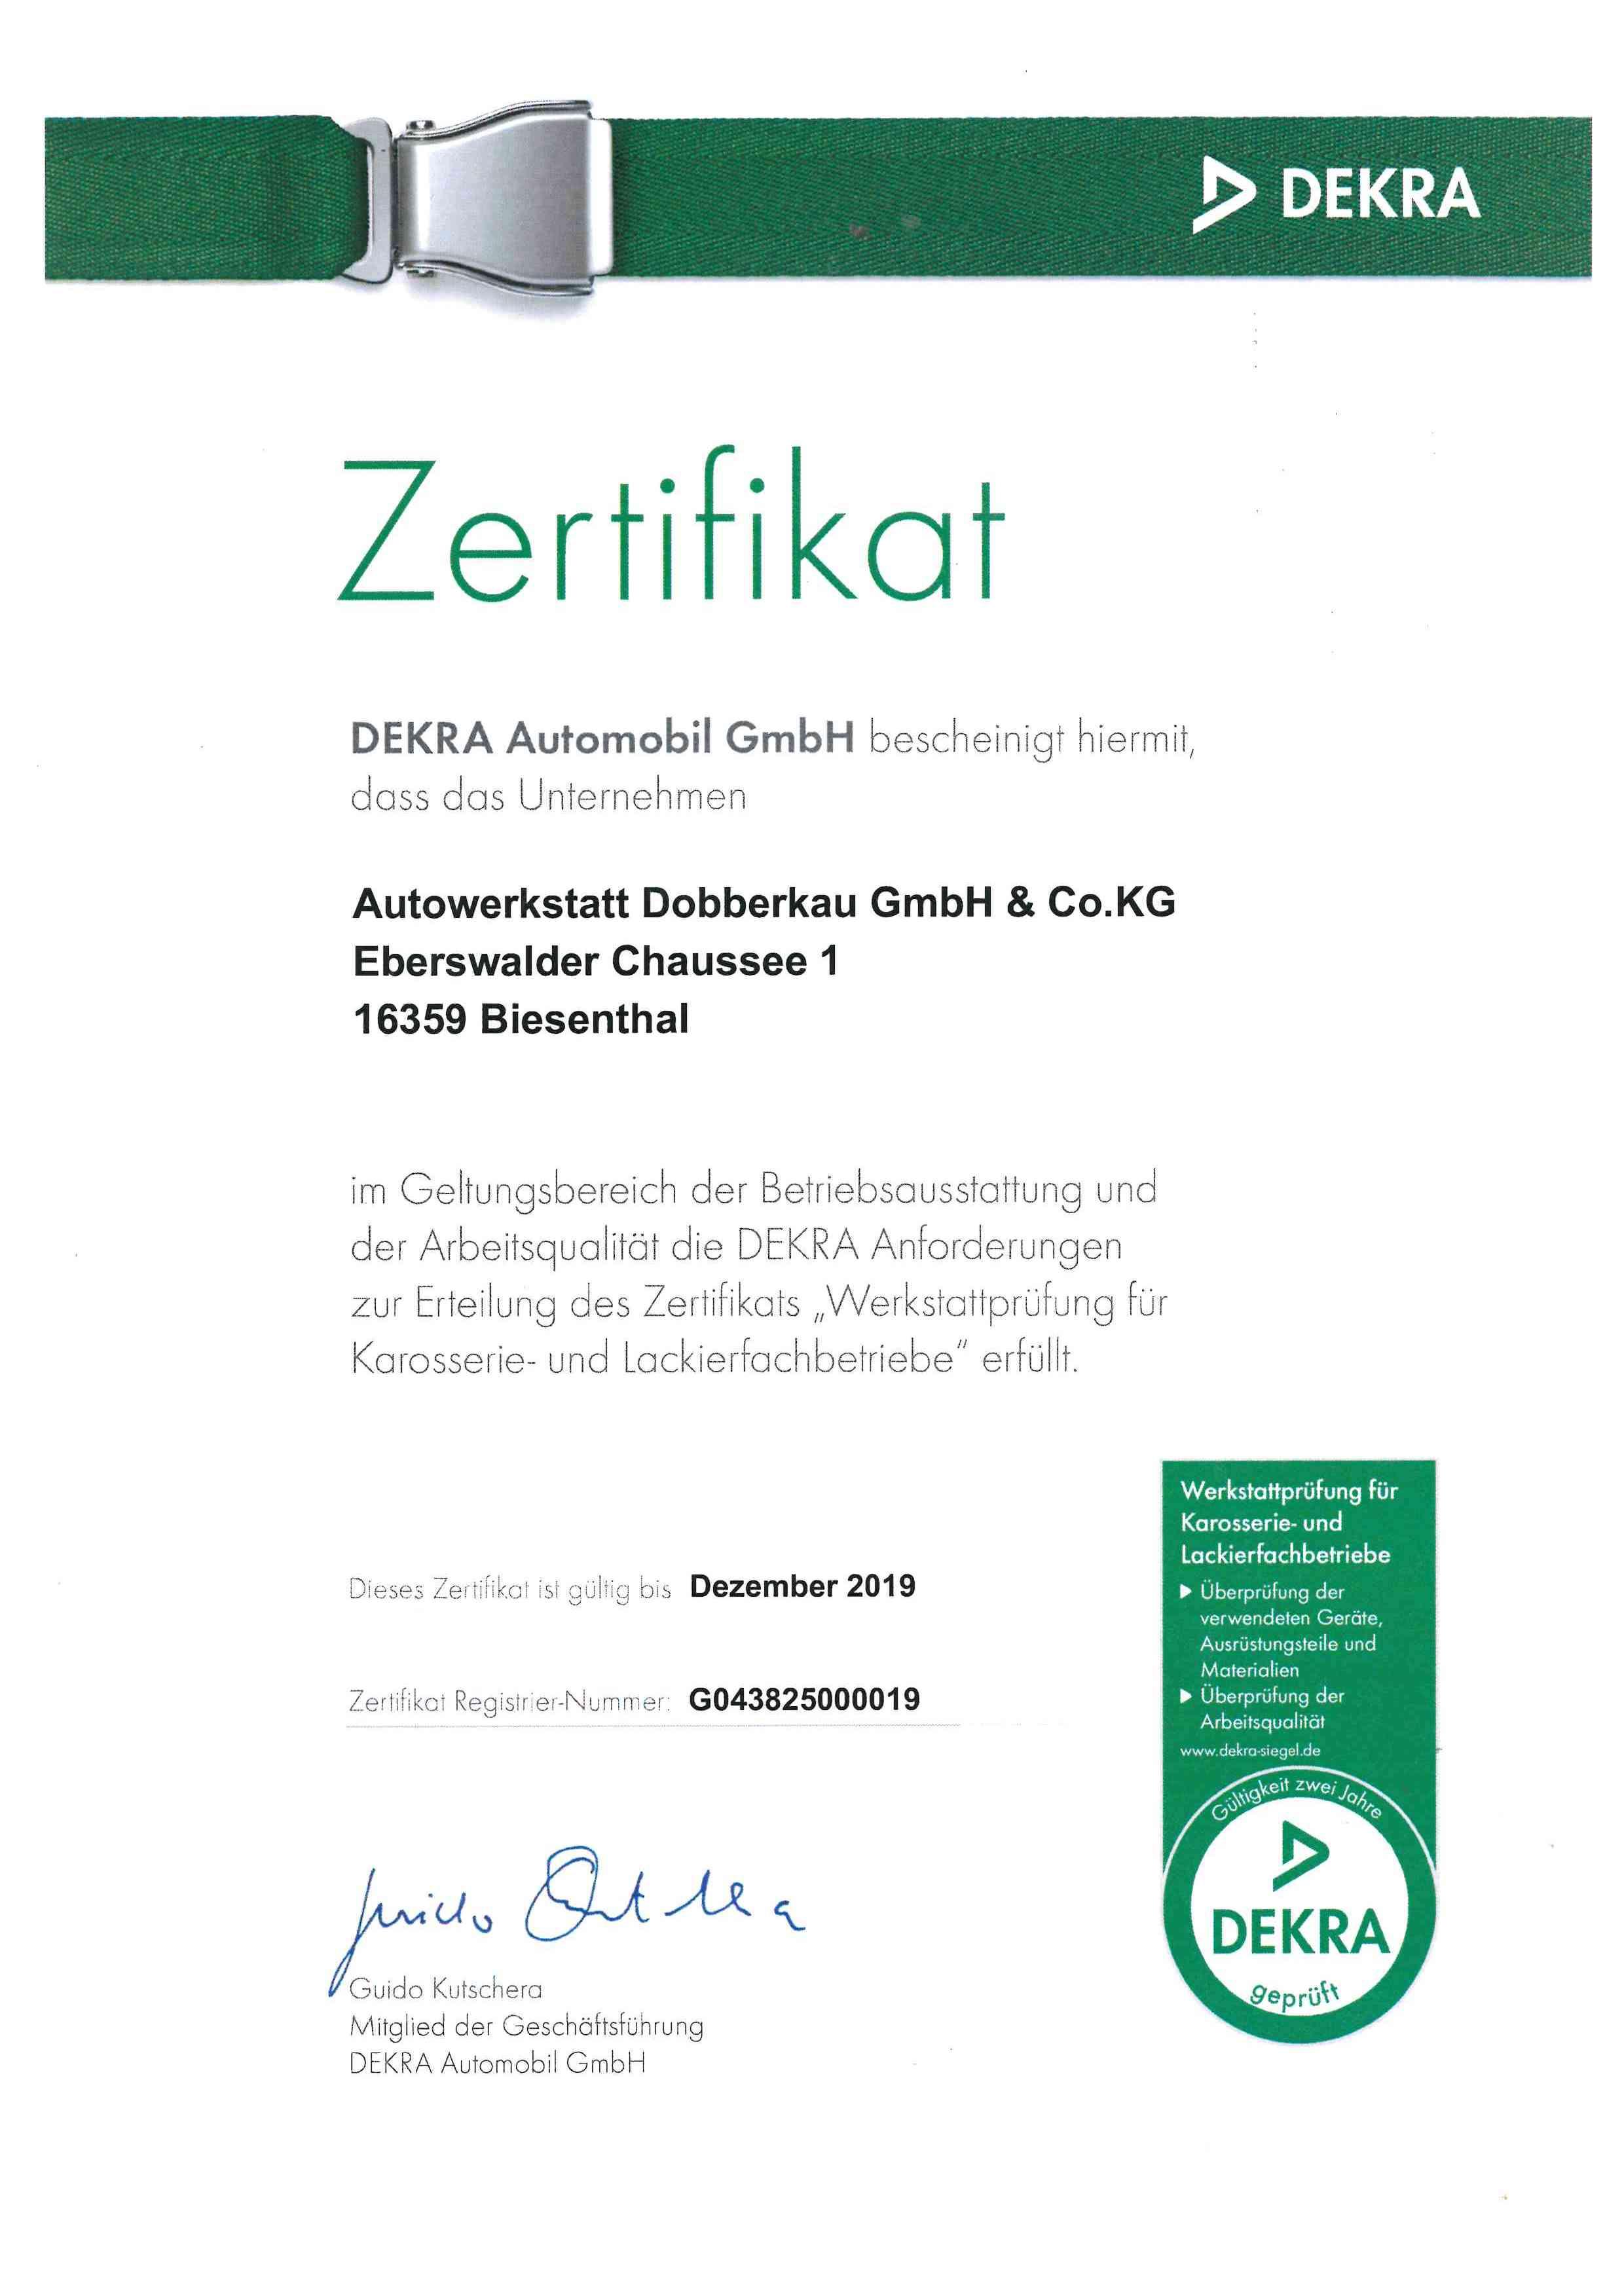 Zertifikat Dekra bis Dezember_2019